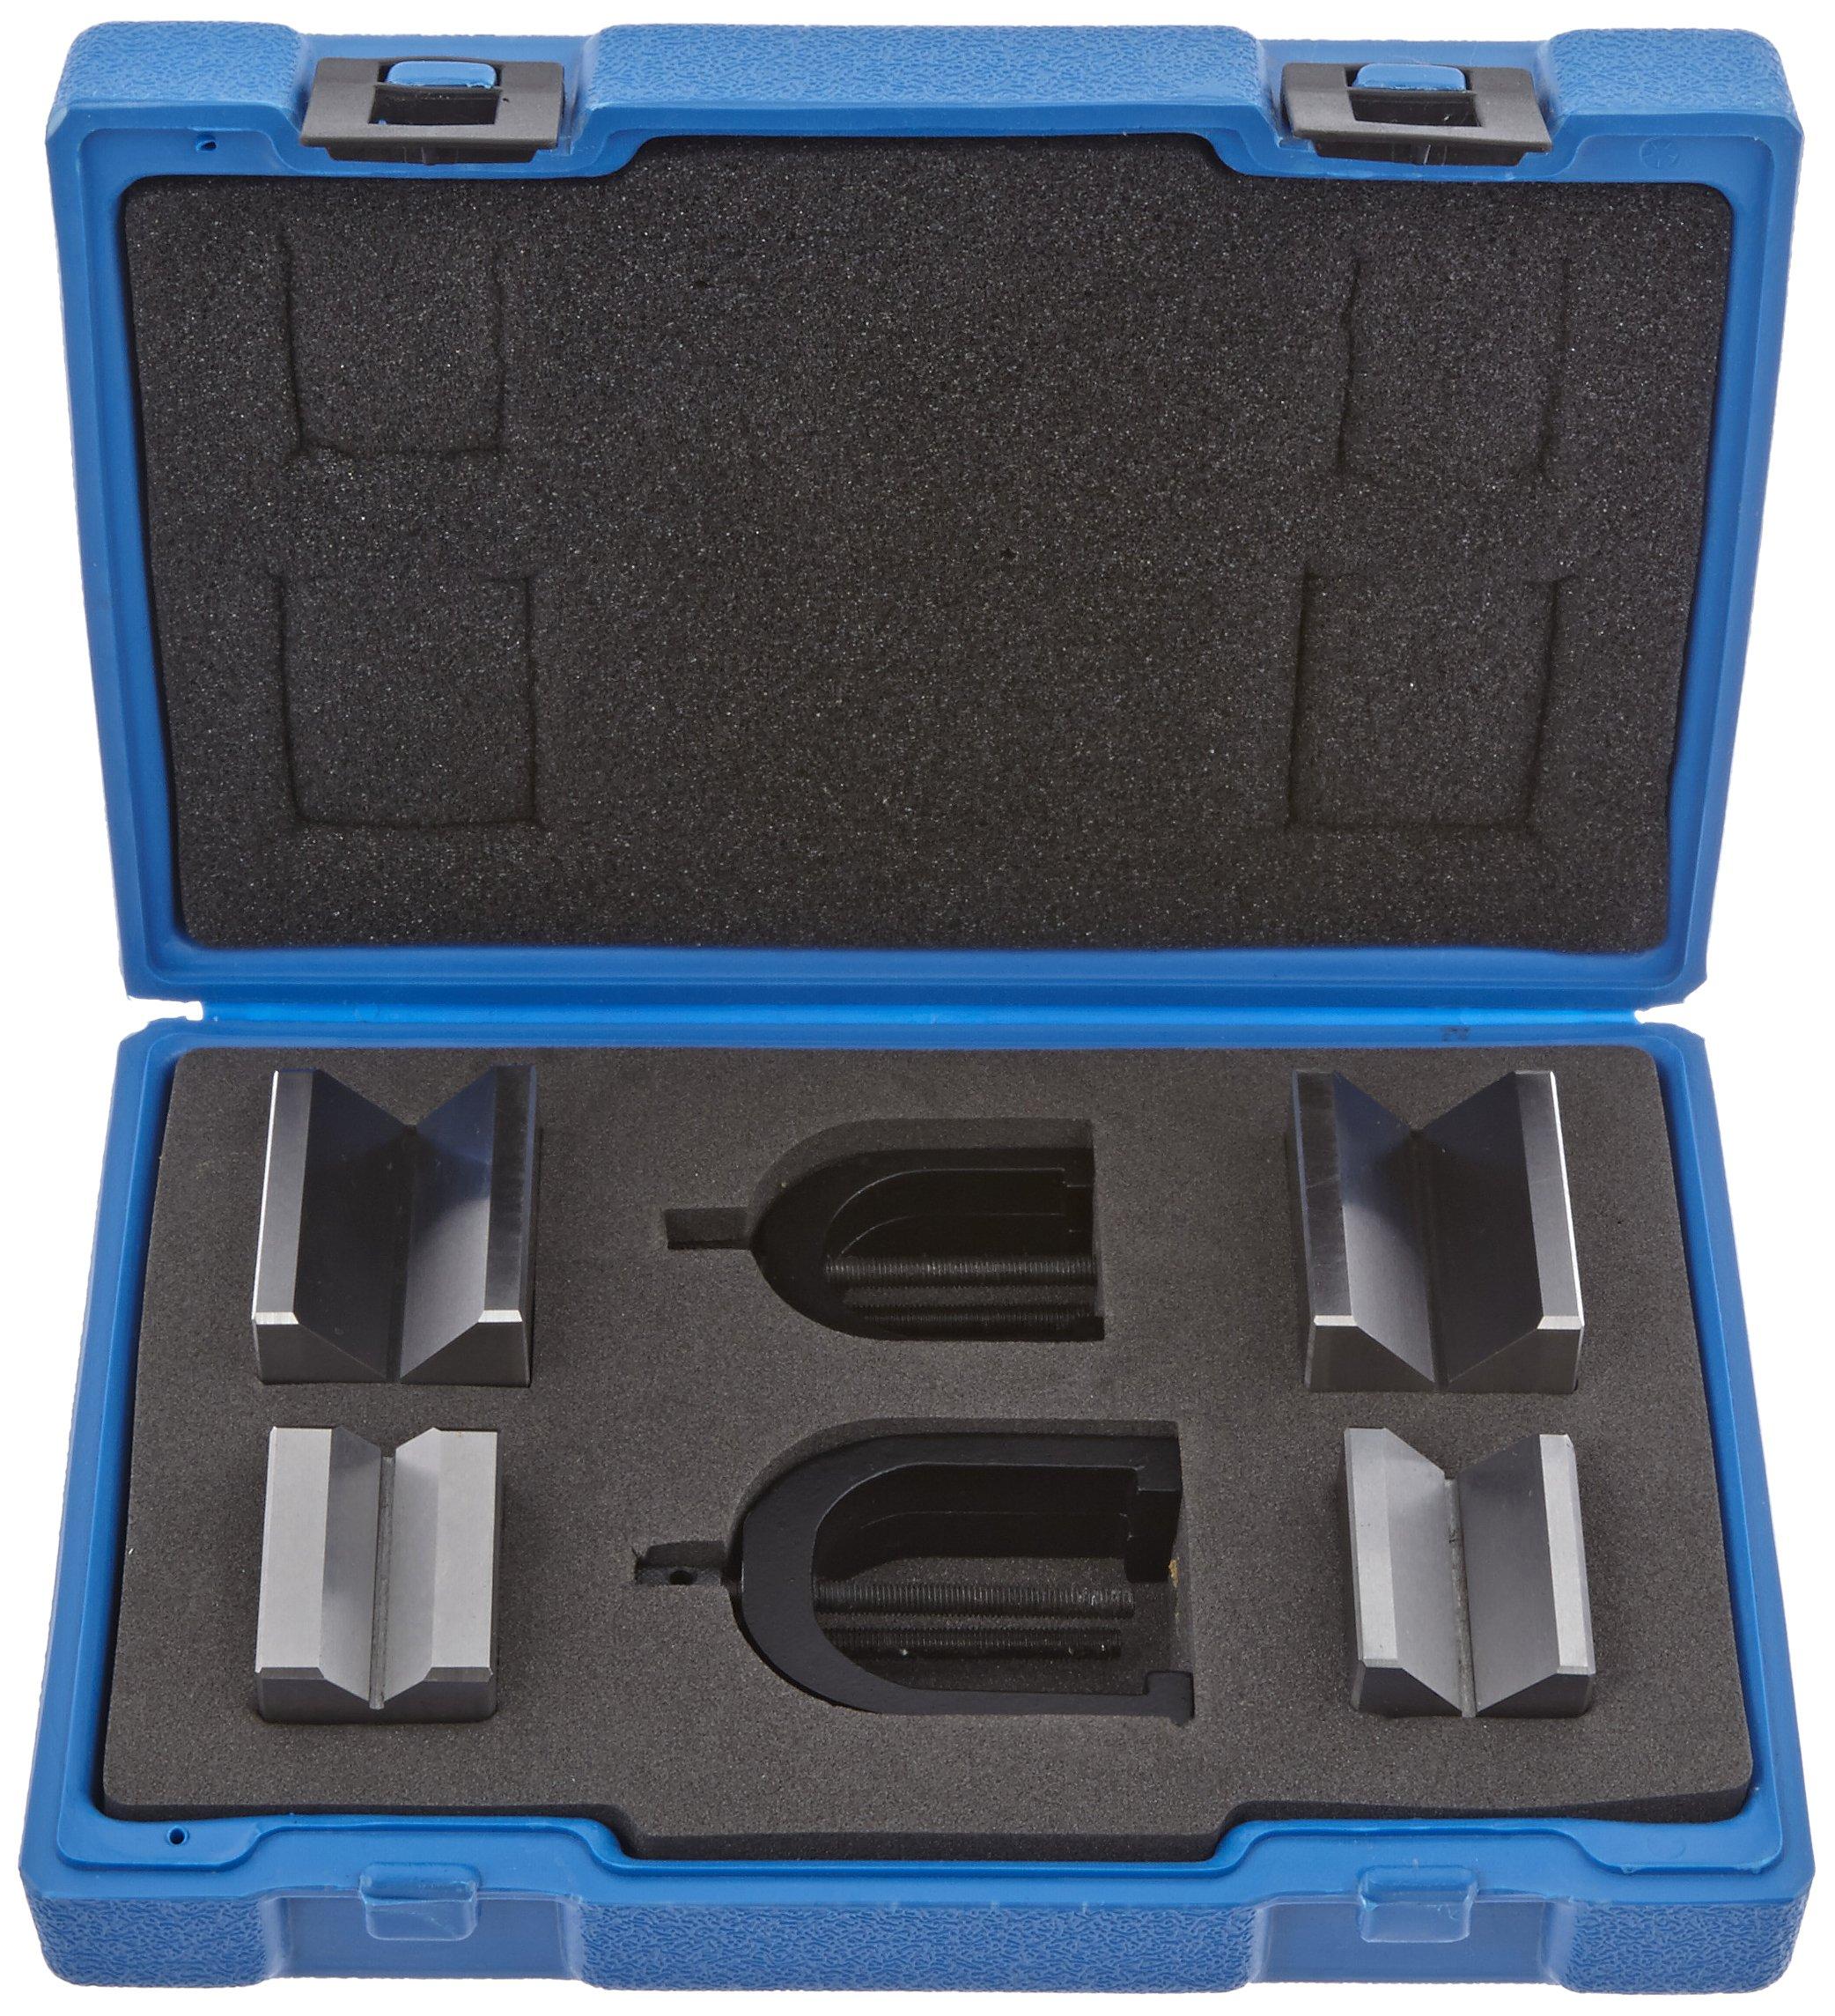 Fowler Full Warranty 52-475-500-0 Hardened Steel X-Blox V-Block Set, 1.5''L x 1.25''W x 1.25''H